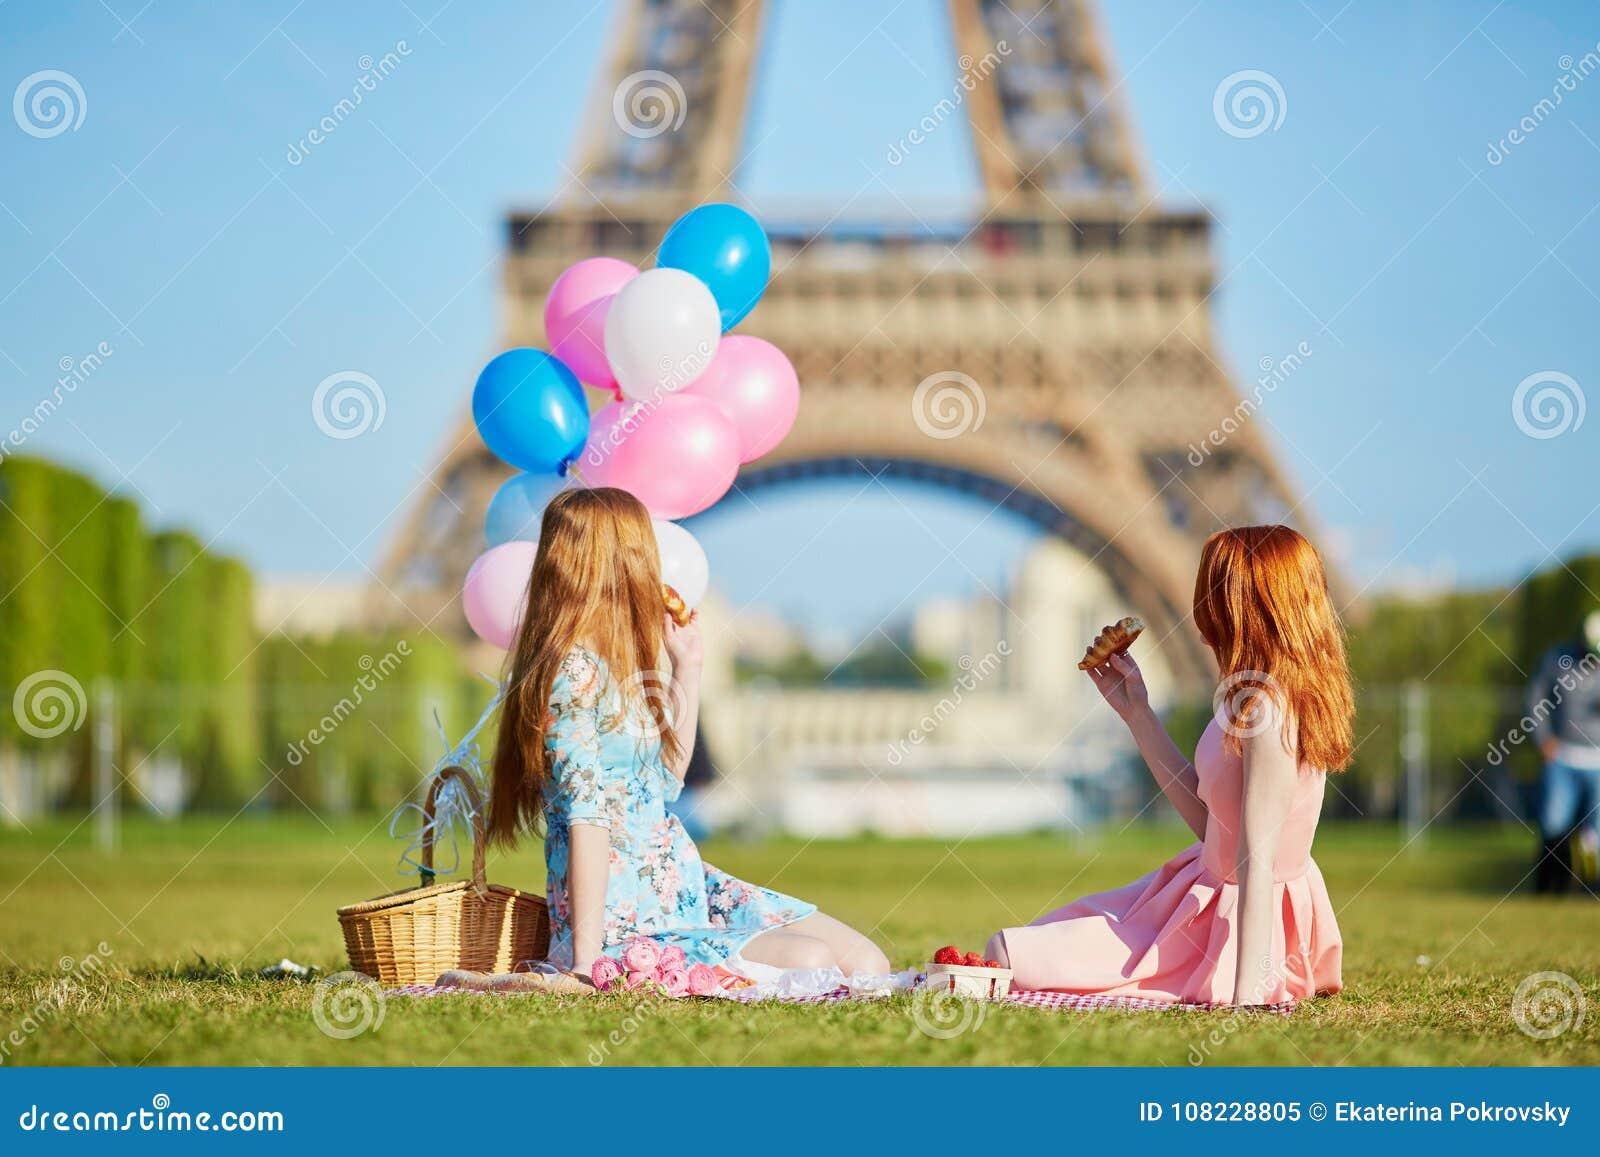 Zwei junge Frauen, die Picknick nahe dem Eiffelturm in Paris, Frankreich haben